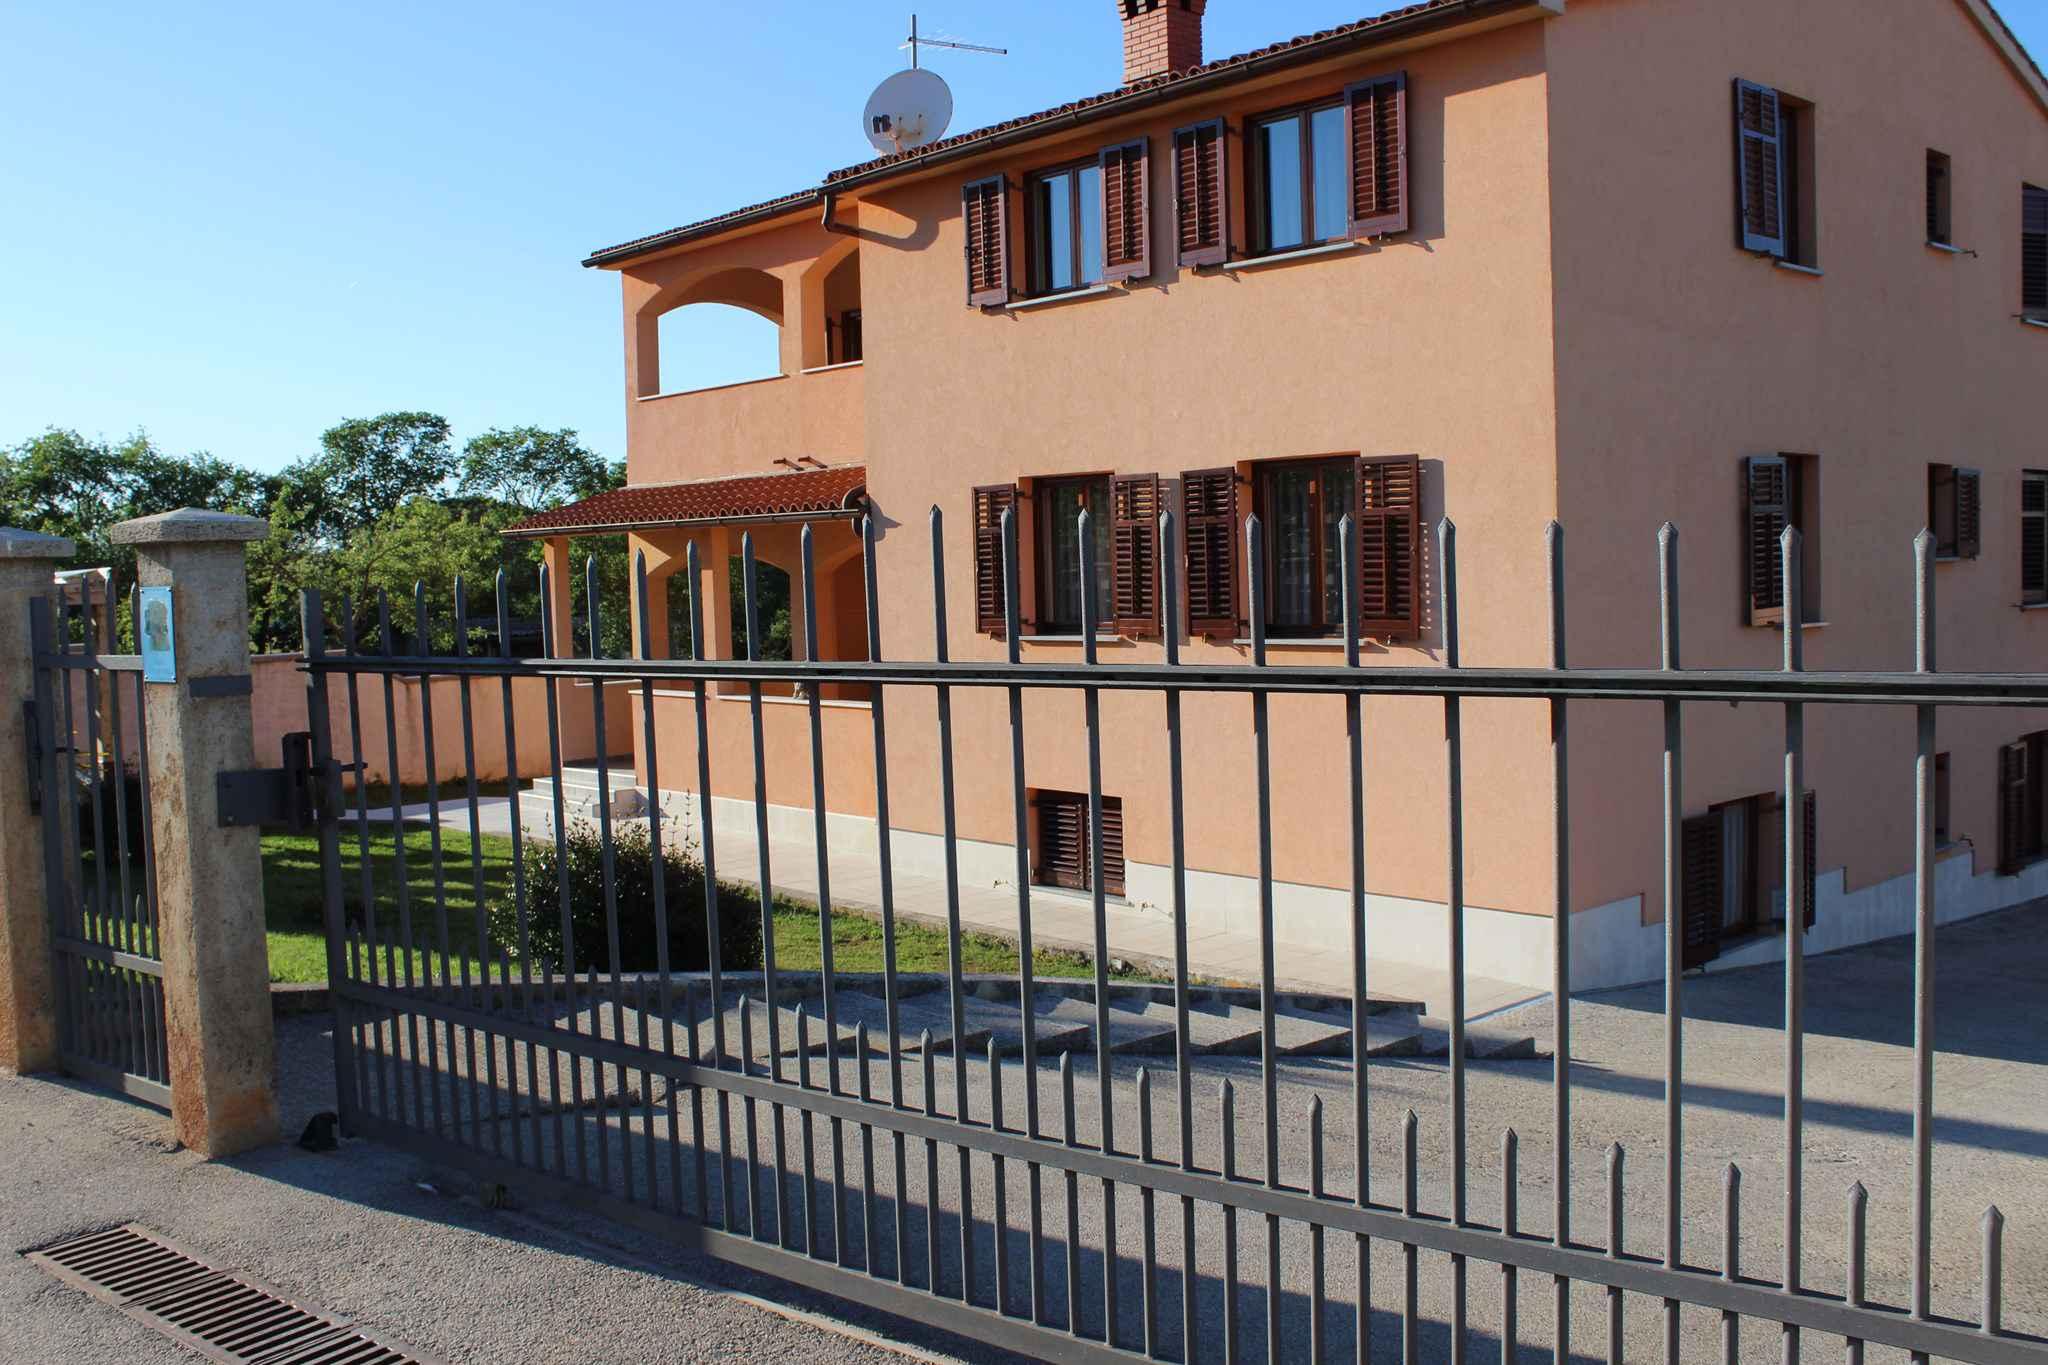 Ferienwohnung mit grosser Terrasse (279774), Fažana, , Istrien, Kroatien, Bild 1